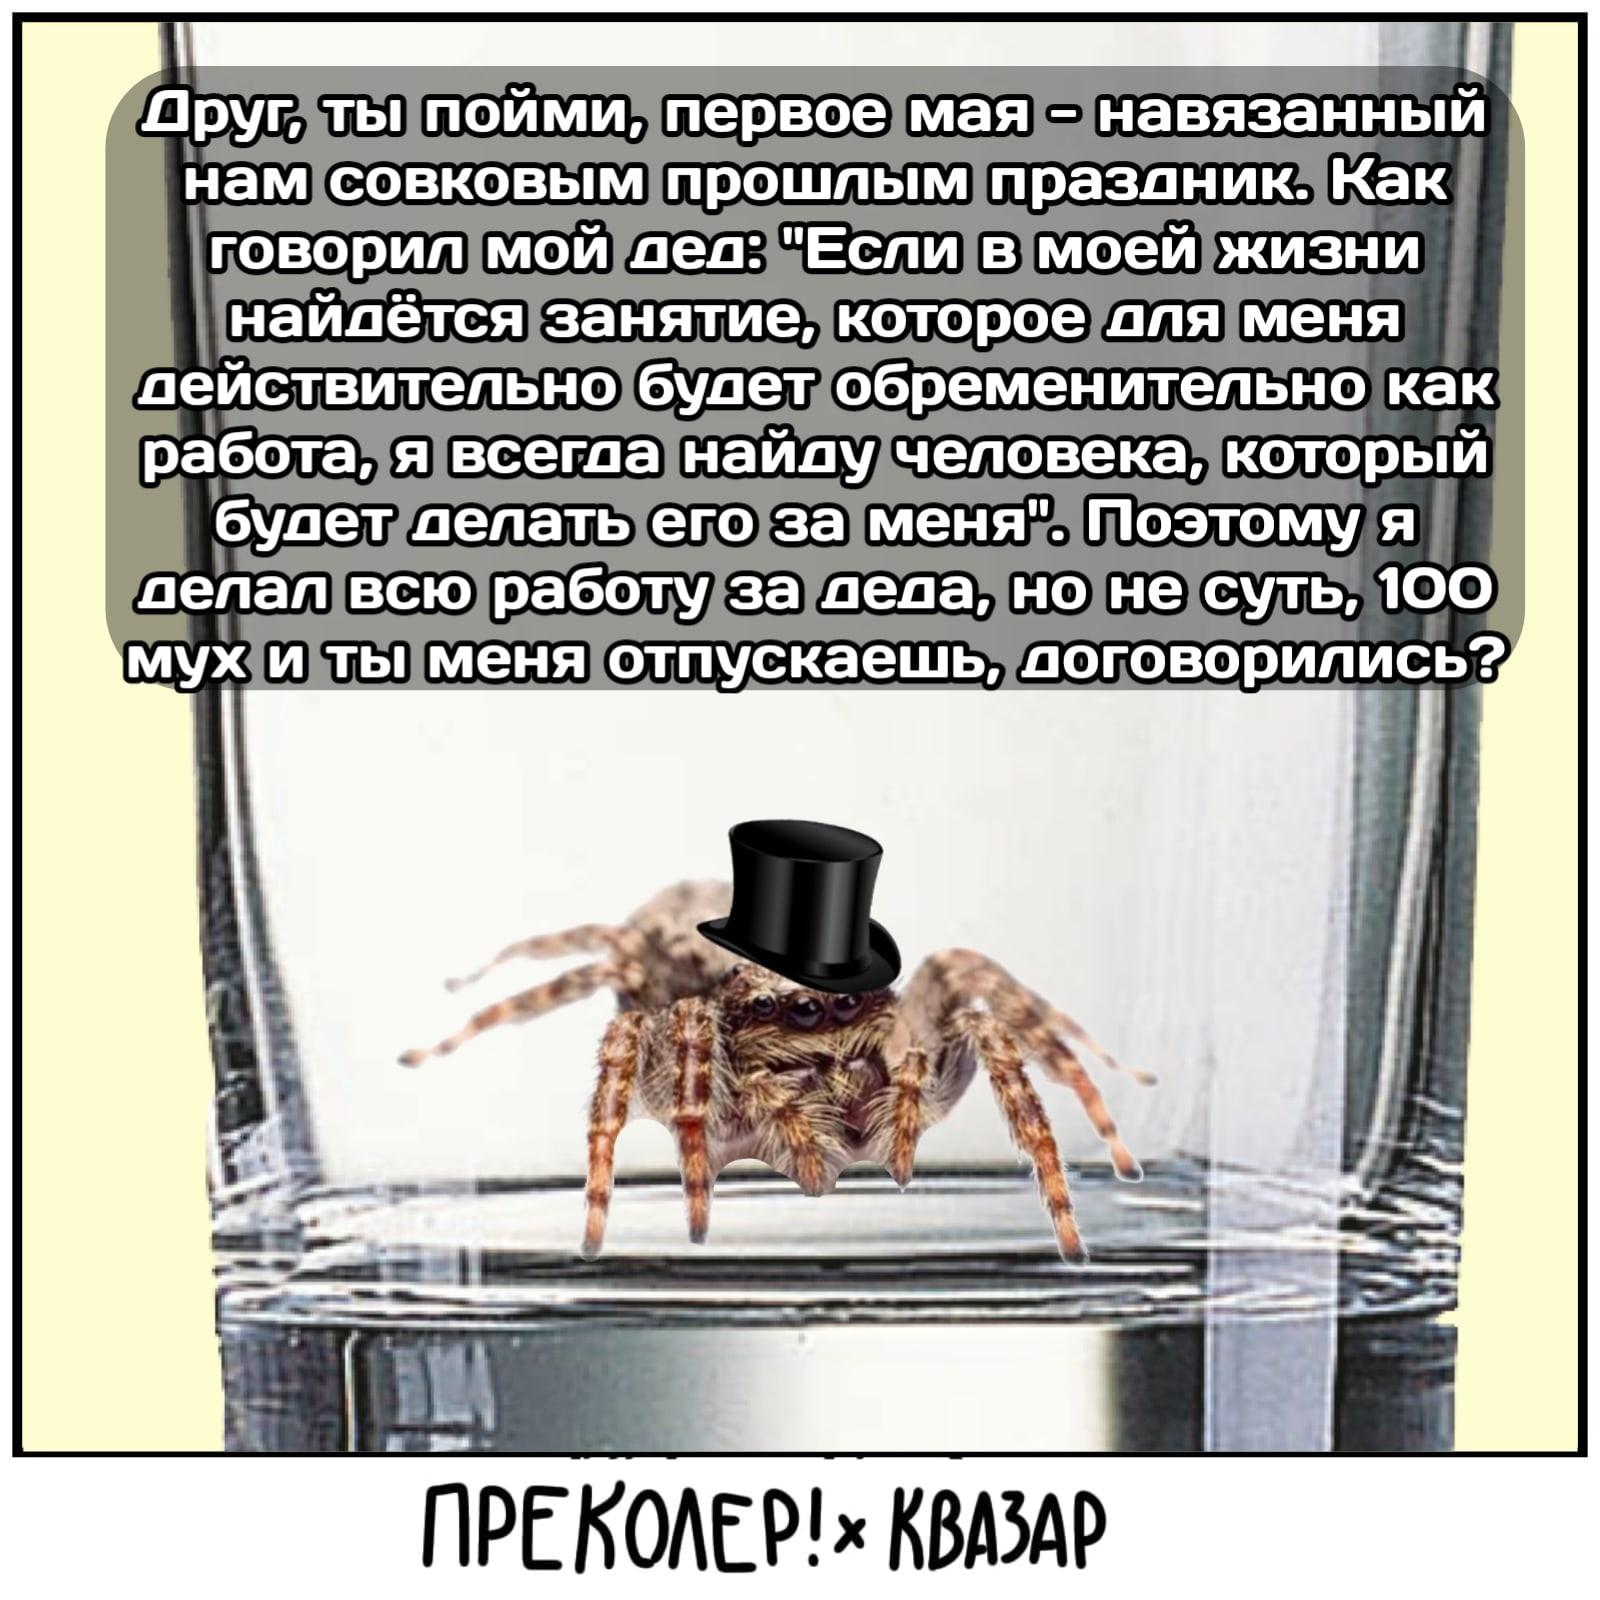 Что там болтает паук